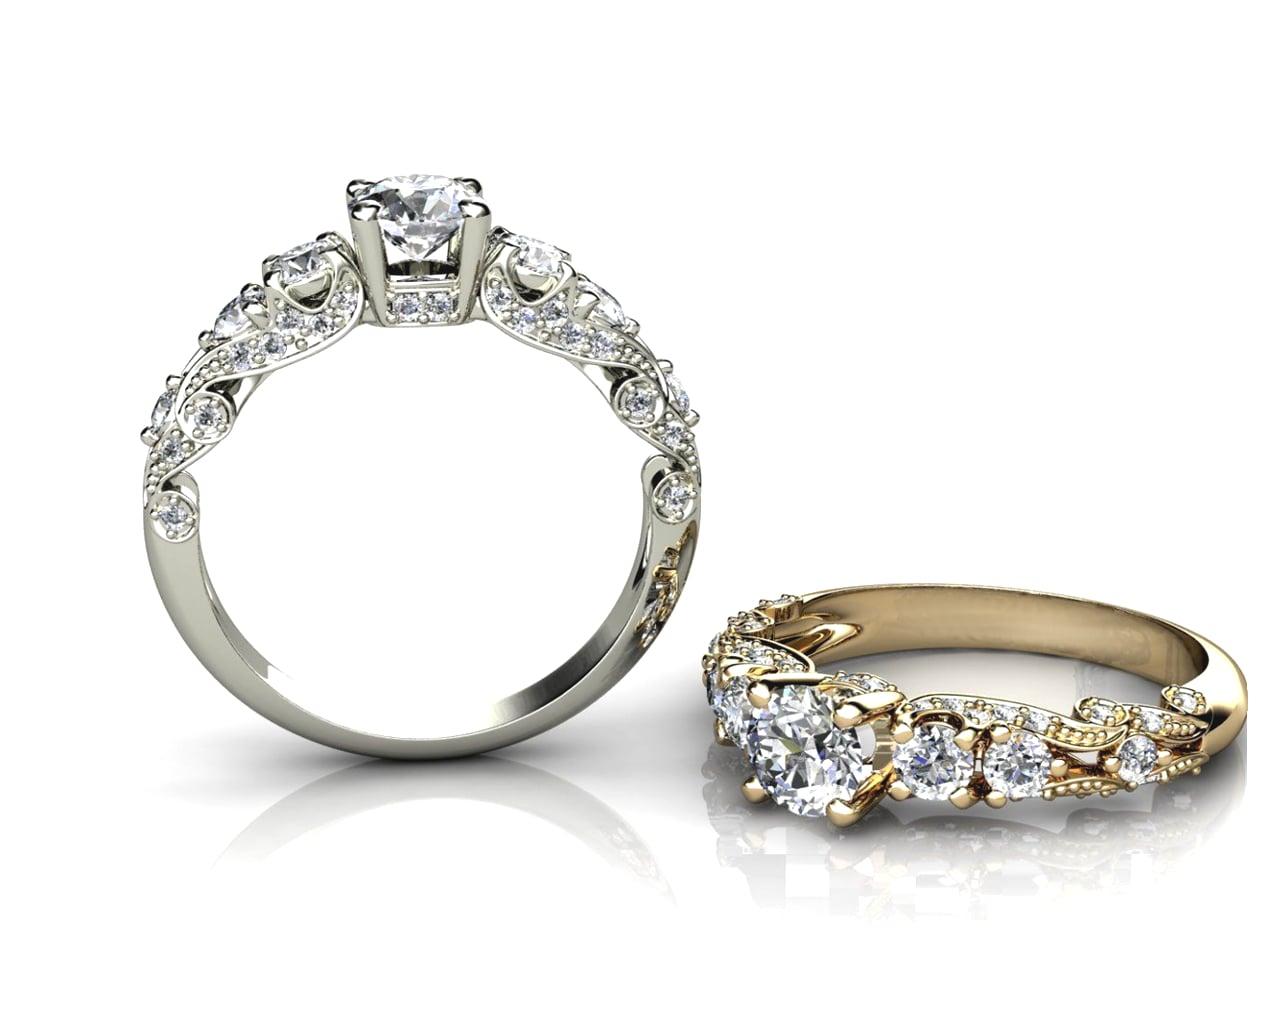 טבעת אירוסין גלי אוקיינוס עשירה ונוצצת משובצת יהלומים בזהב 14 קאראט